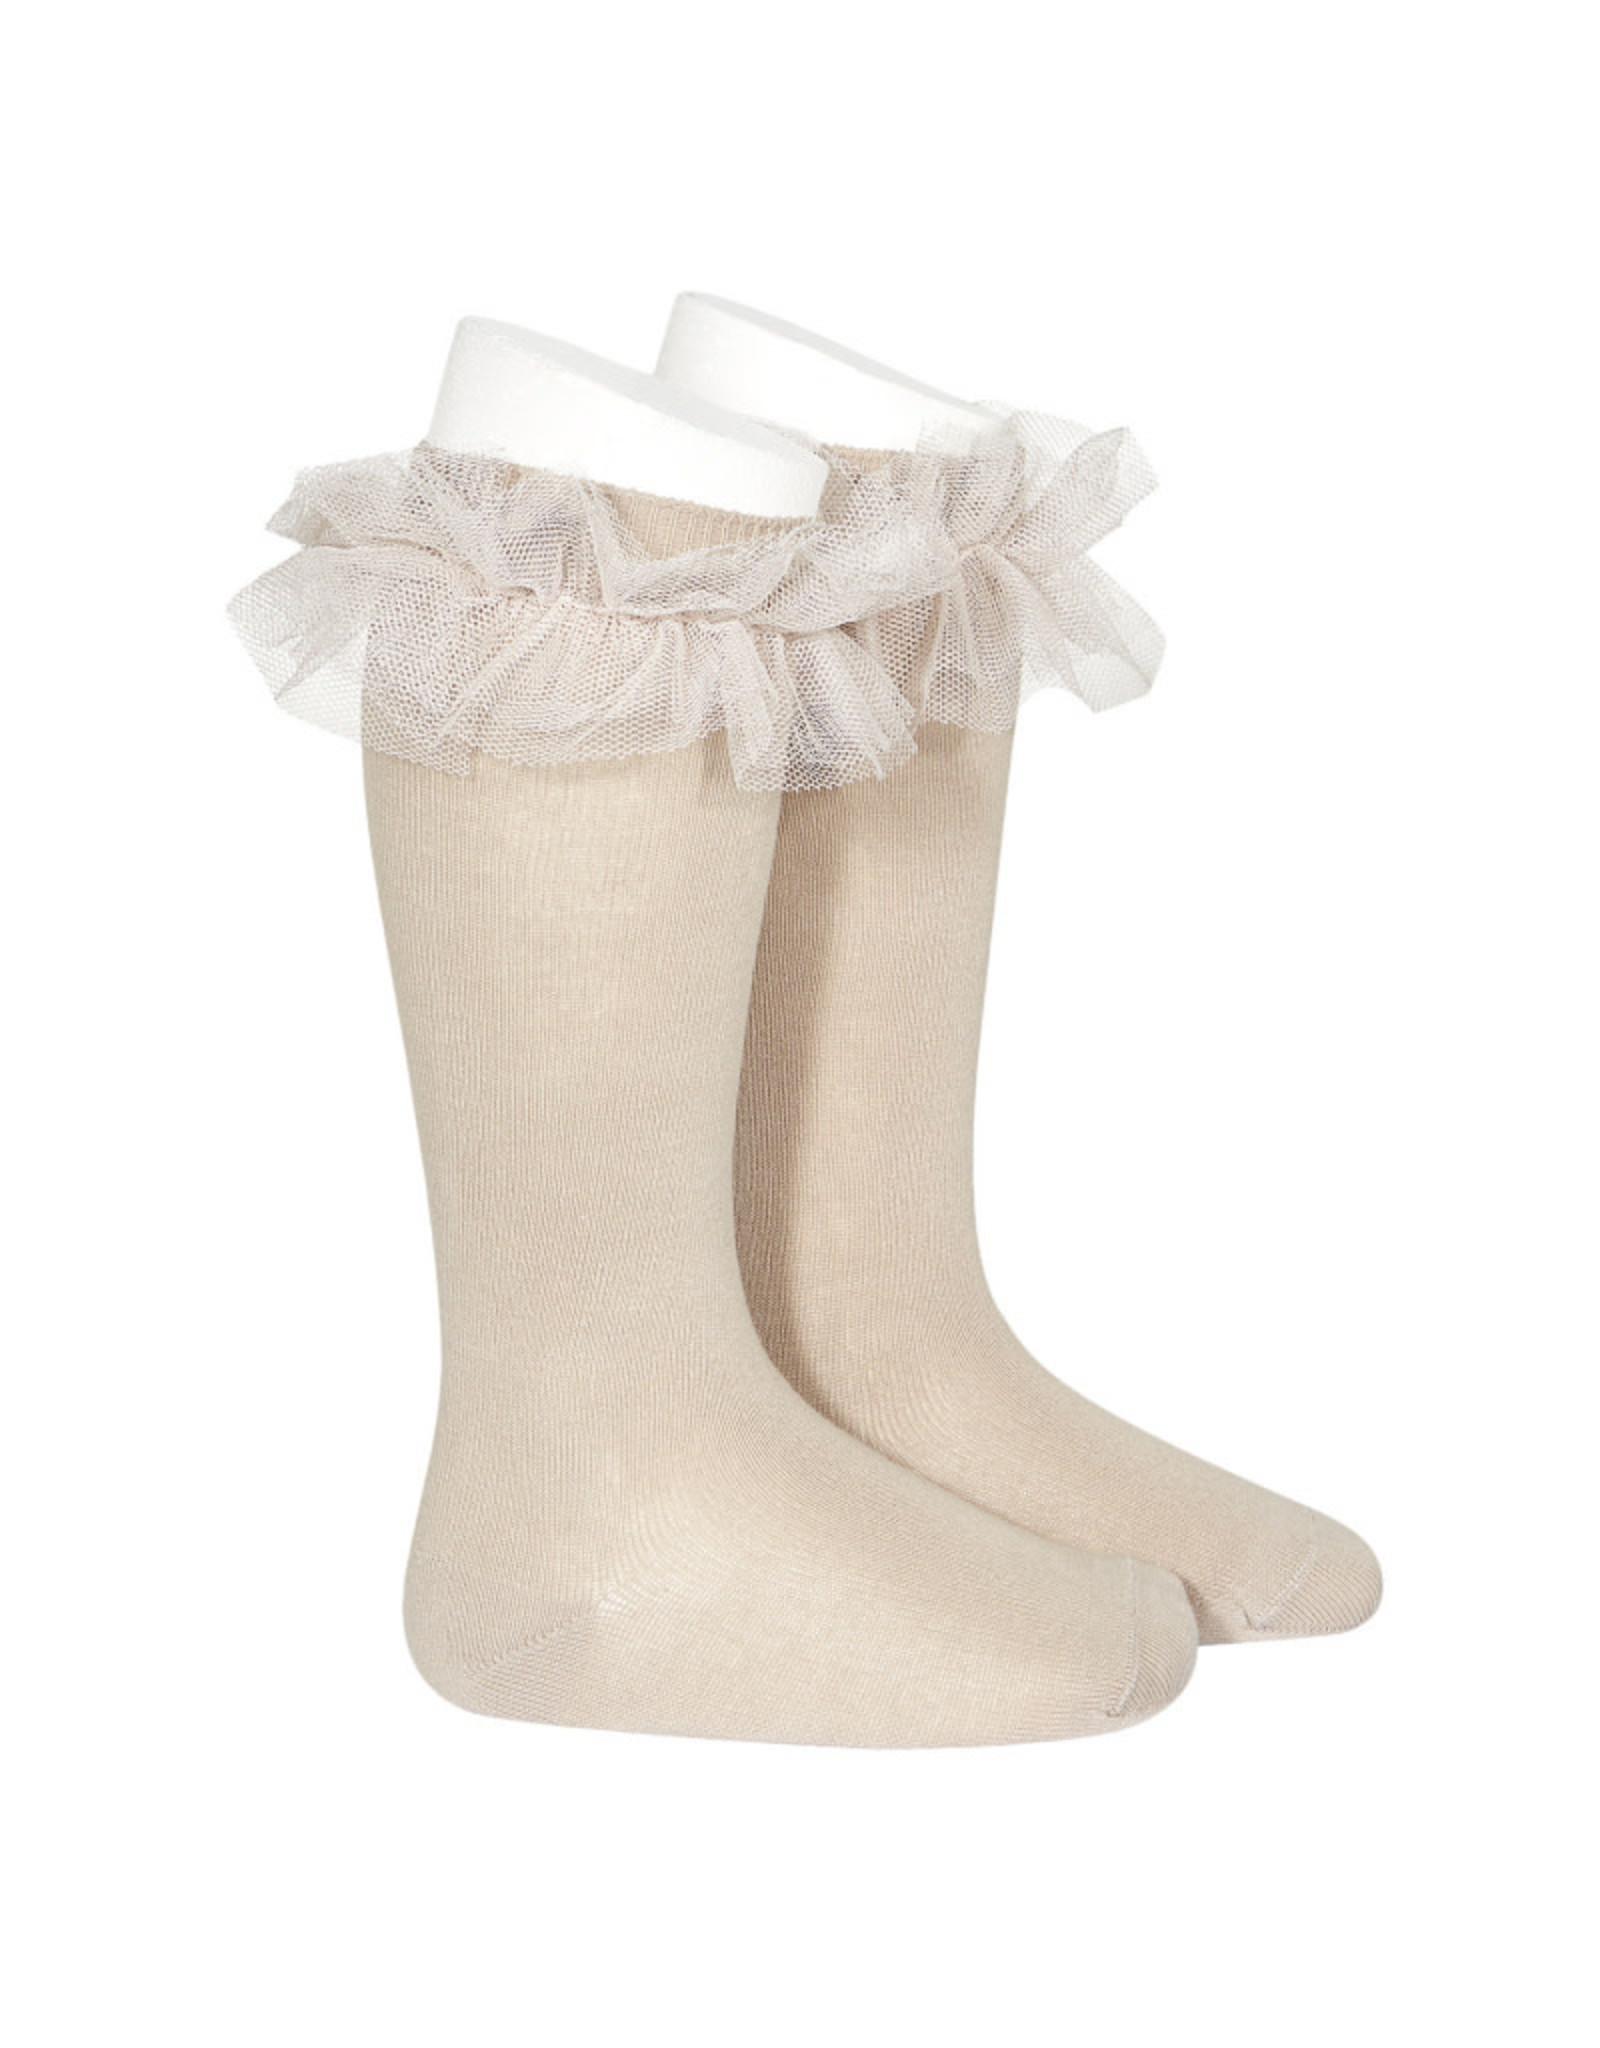 CONDOR Stone Tulle Knee Socks